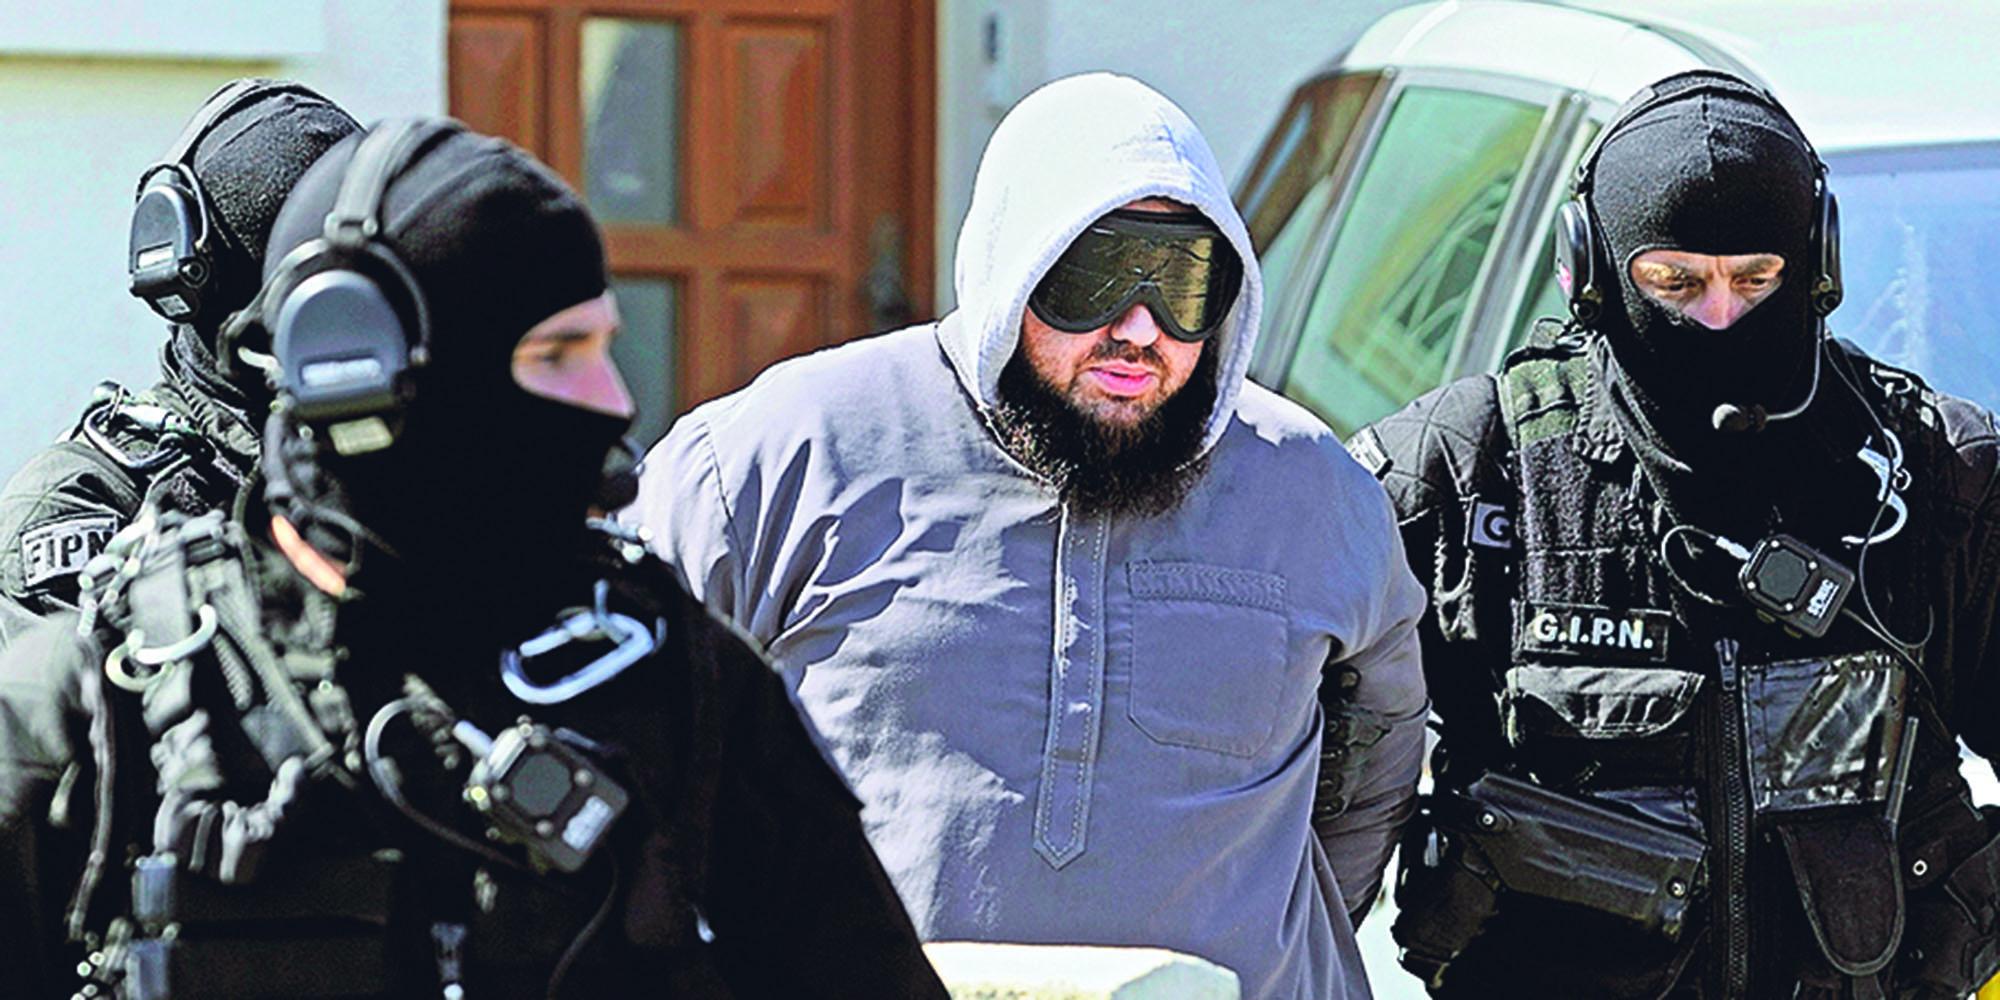 La libération annoncée de 148 djihadistes d'ici trois ans inquiète magistrats et policiers